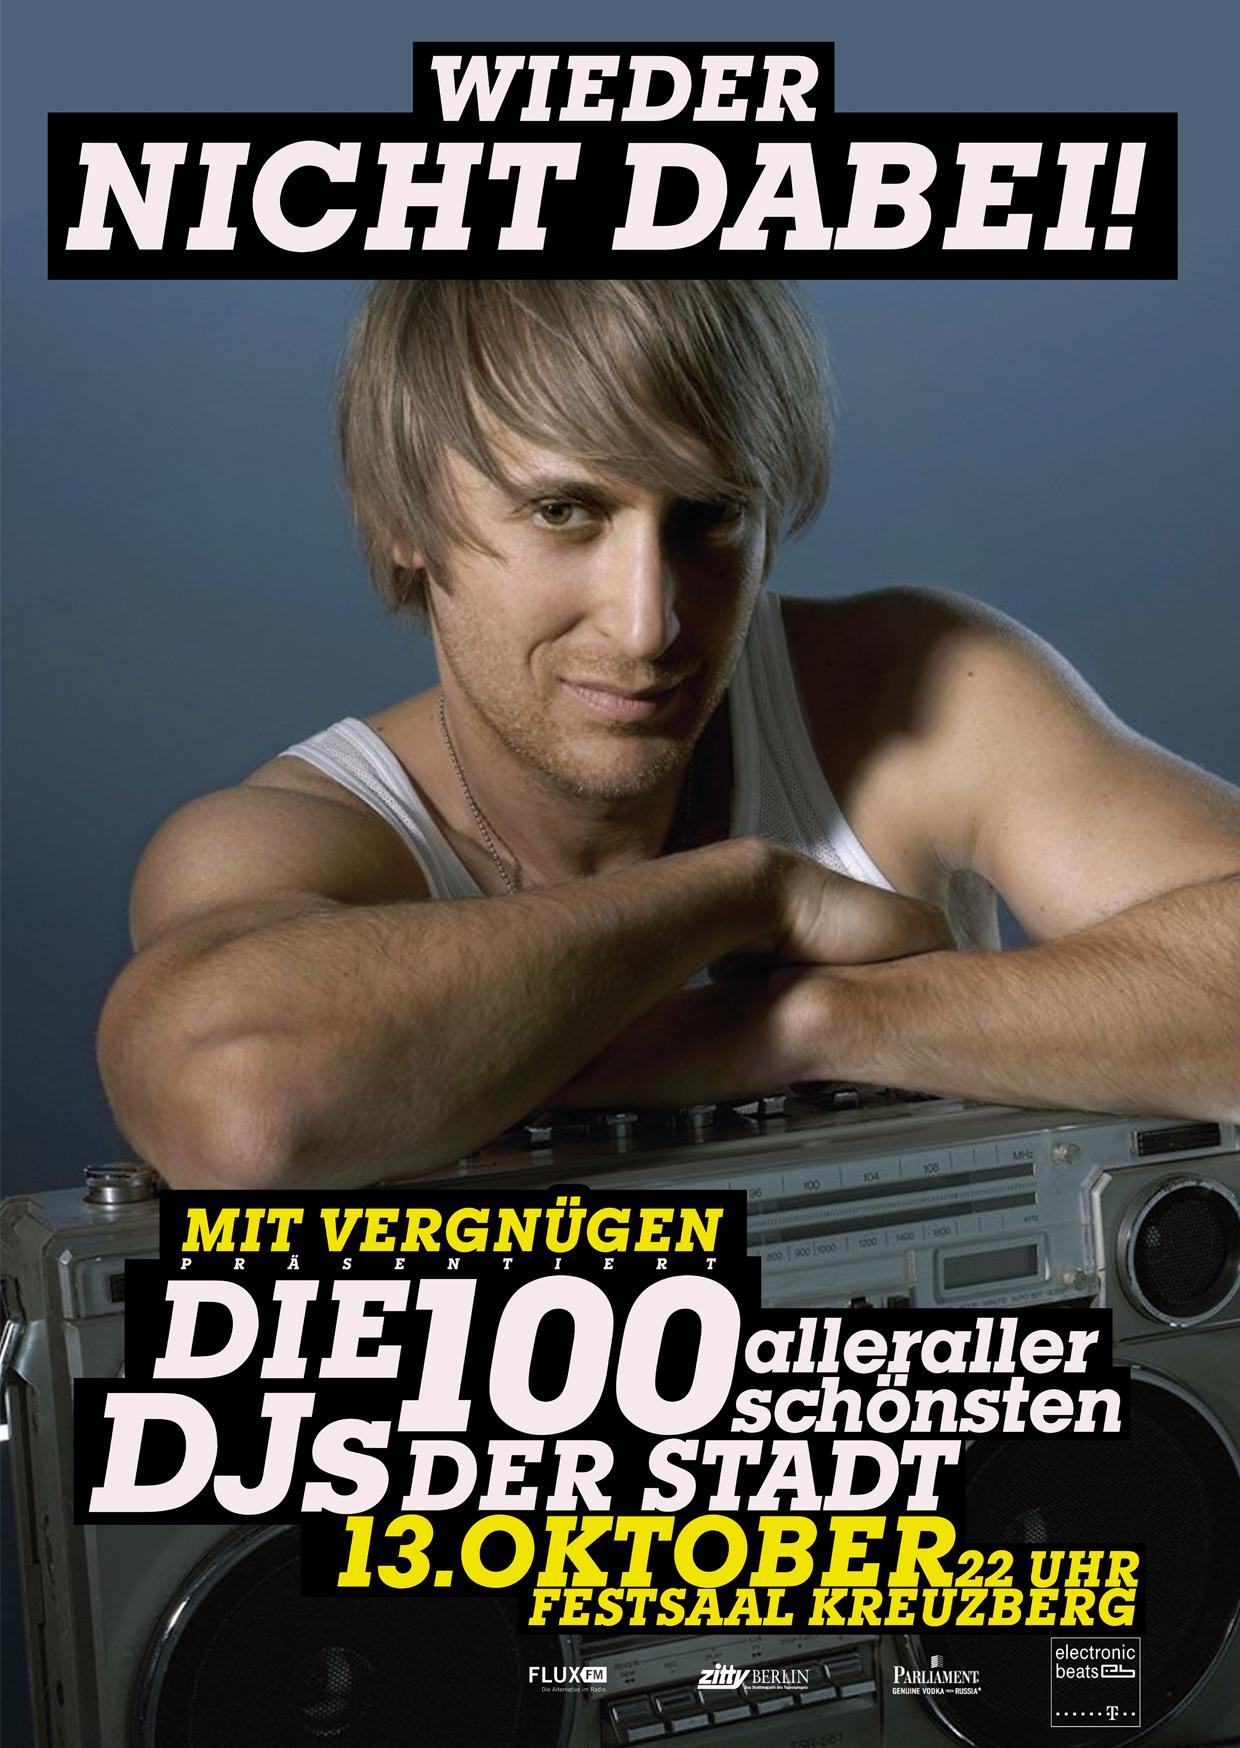 DIE100_2012_WEBFLYER